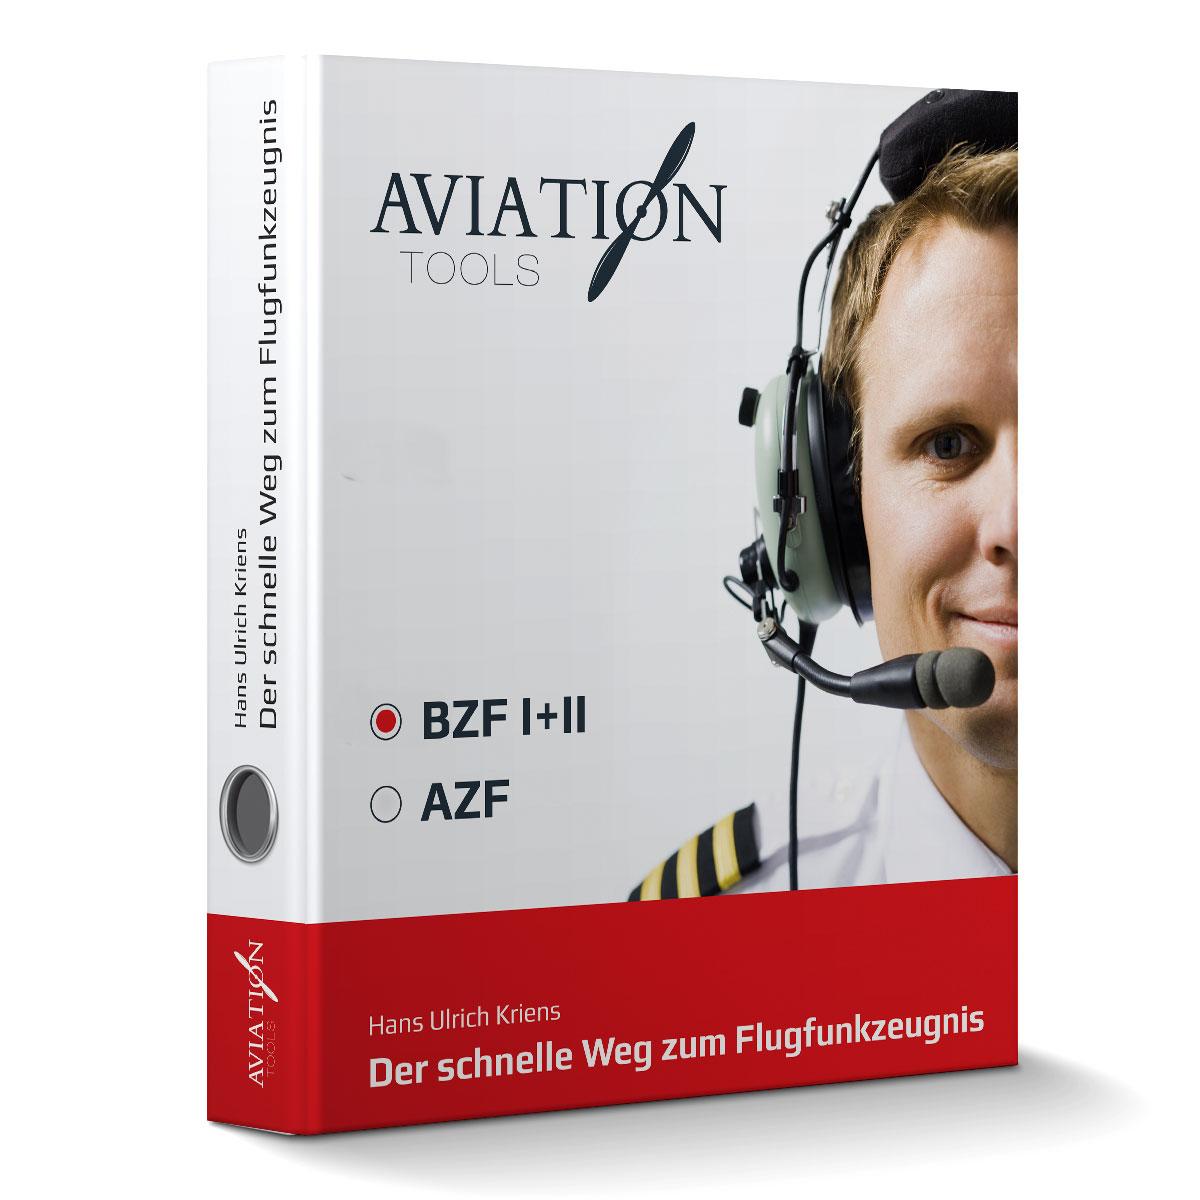 BZF I+II Der schnelle Weg zum Flugfunkzeugnis